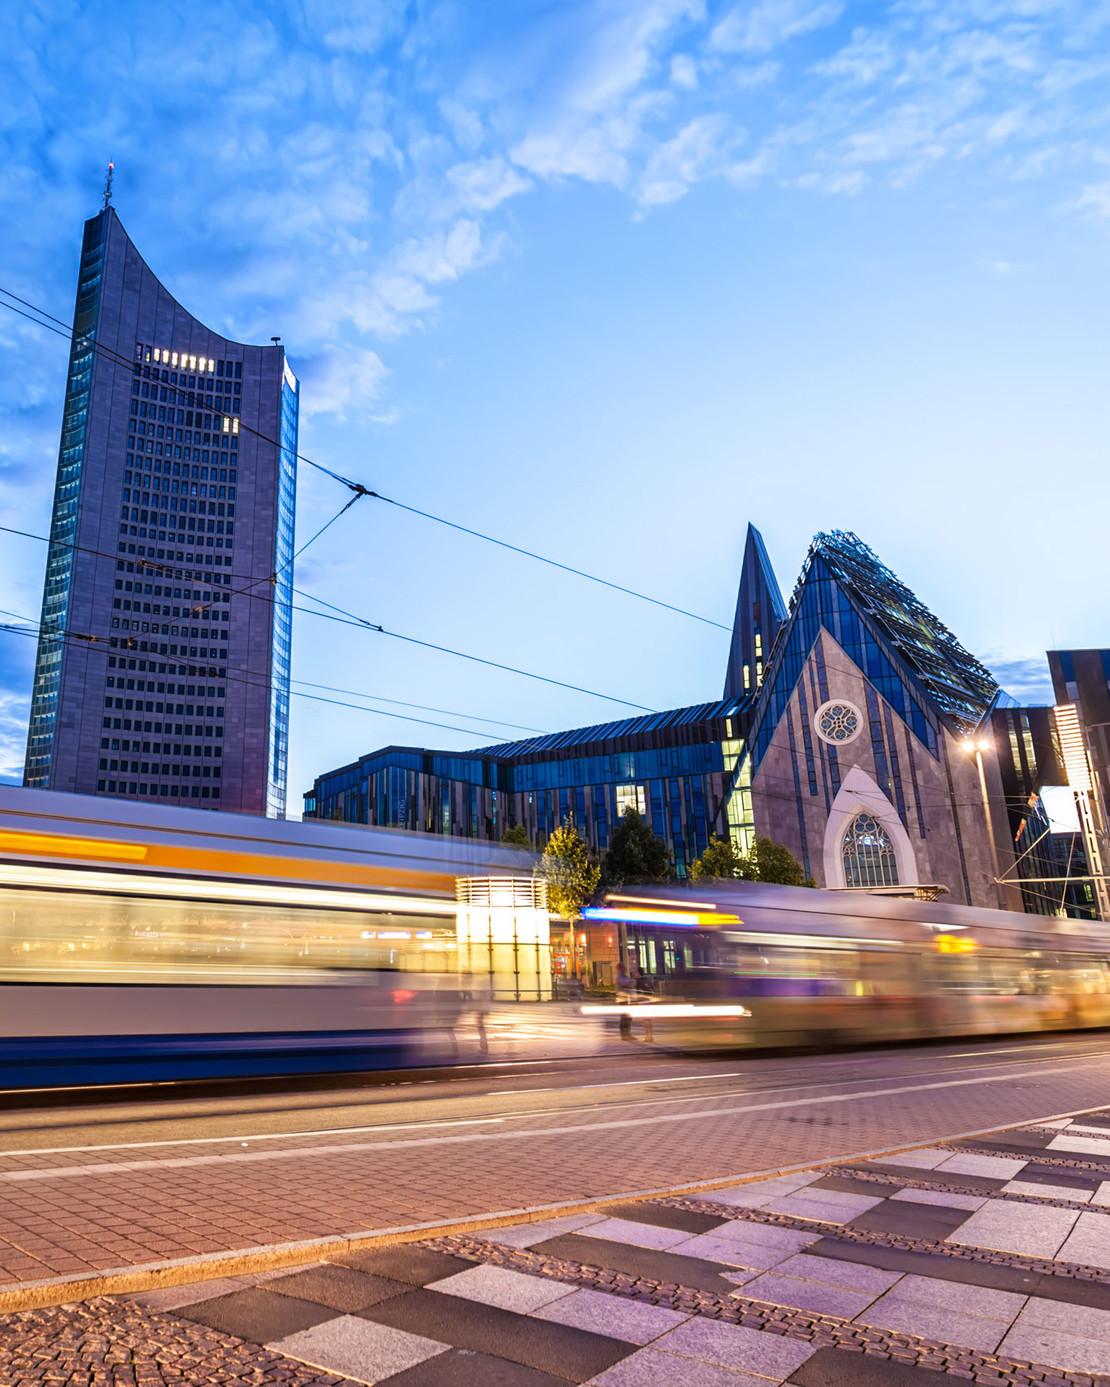 Künstlerische Fotografie mit Straßenbahn.